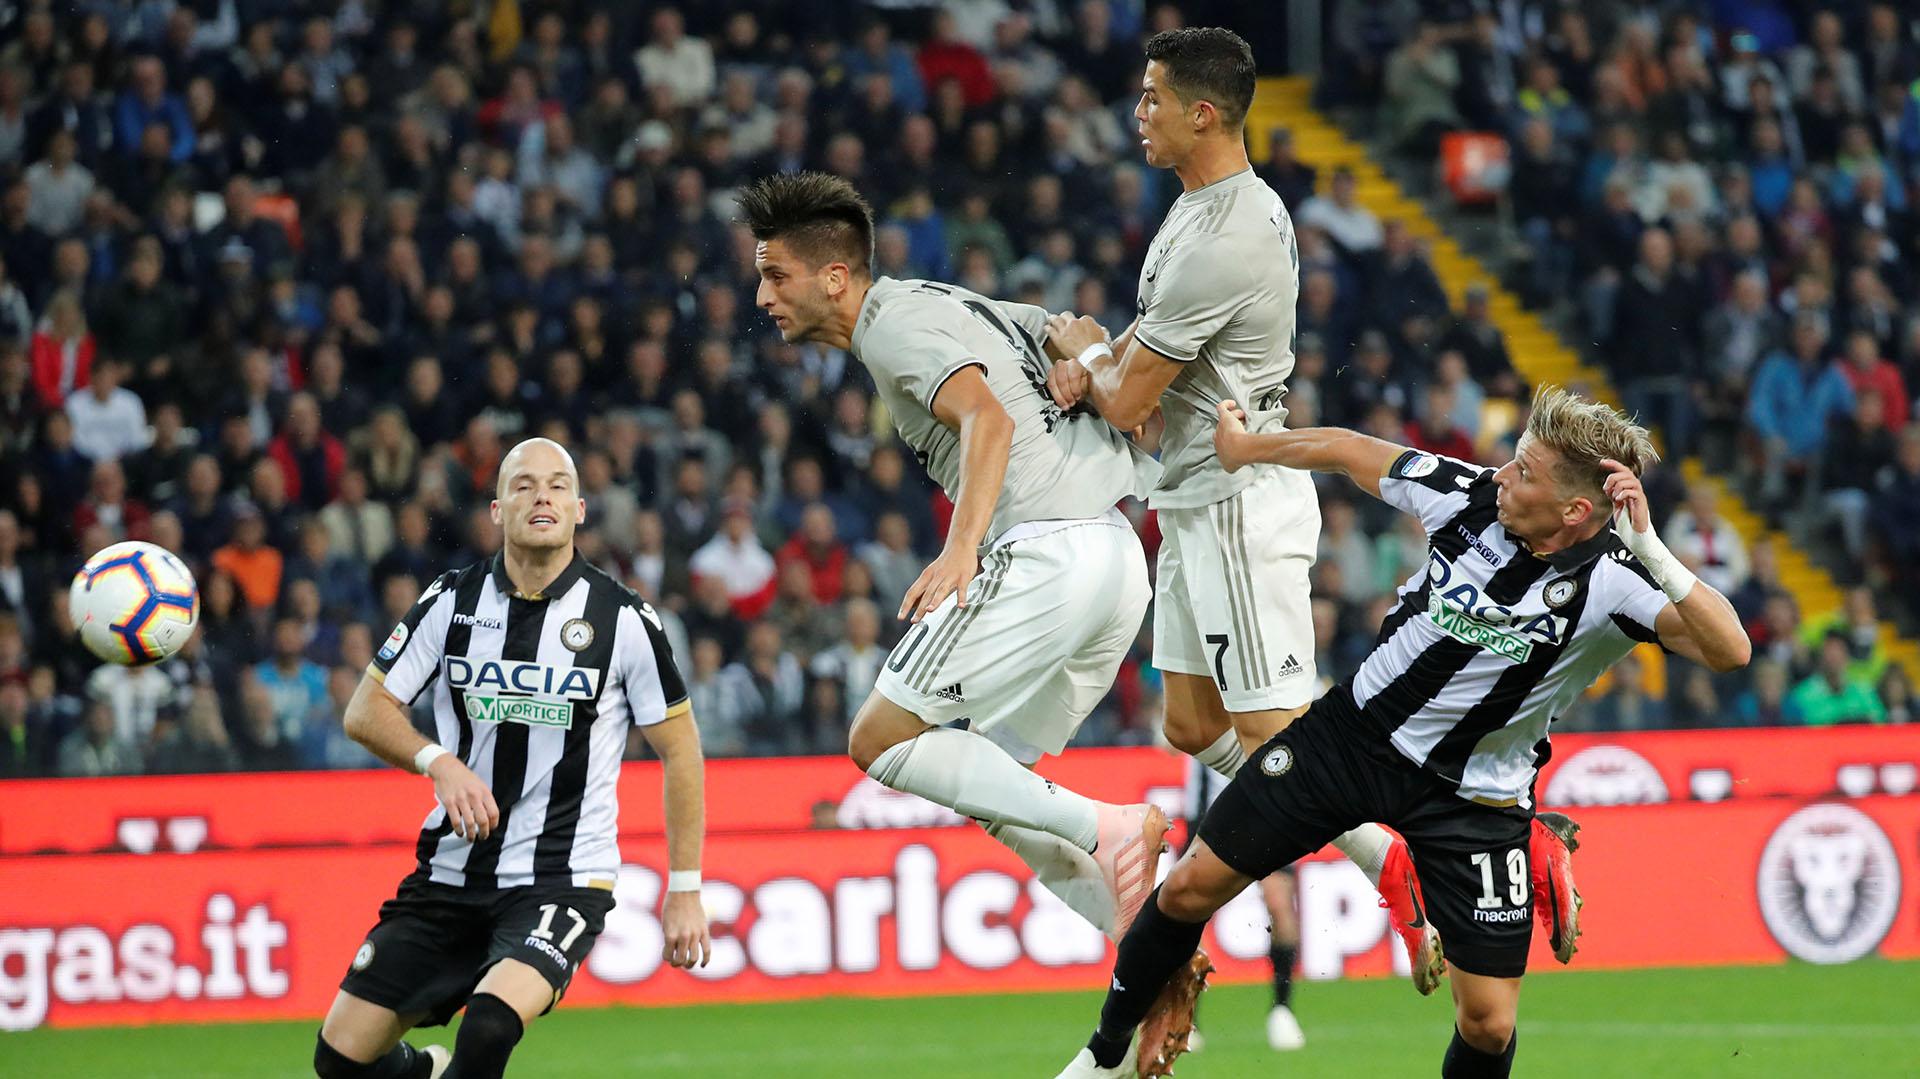 Real Madrid 2018-19 --Juventus / Man Utd Updates - Page 11 T_1538845399116_name_udinese_vs_juventus_1920_festejo__2_